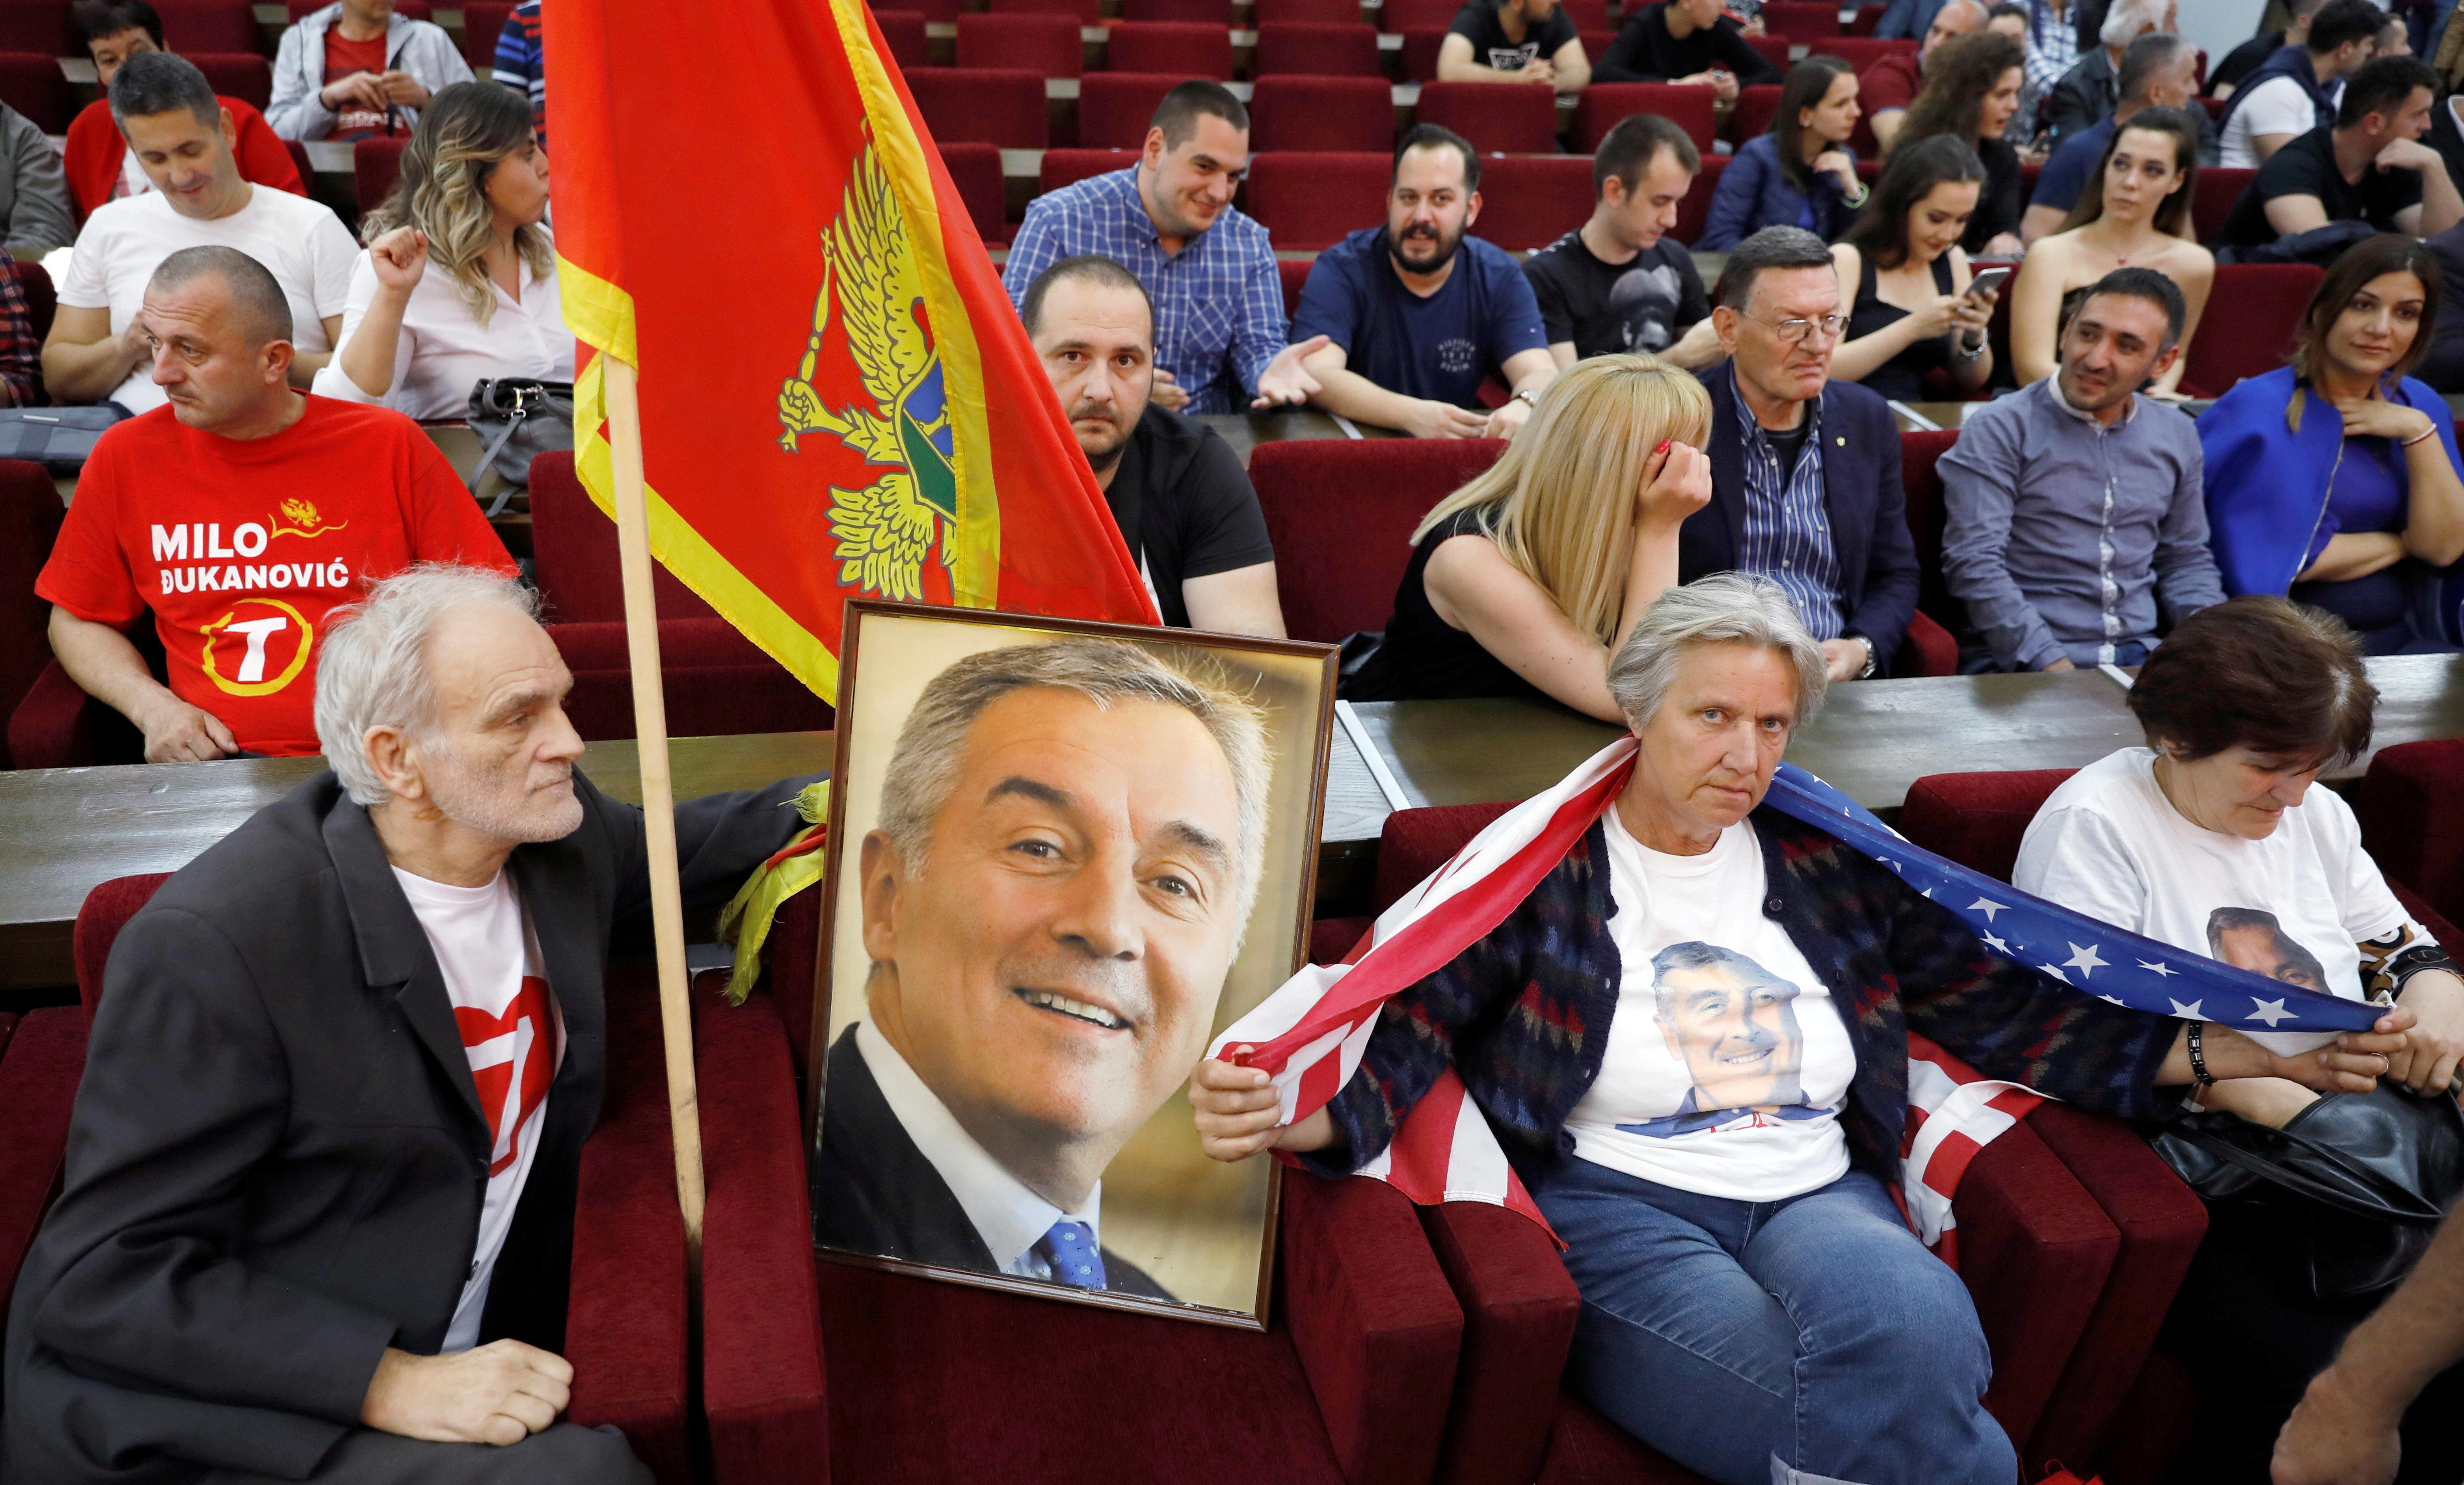 Πρόεδρος του Μαυρουβουνίου ξανά ο Μίλο Τζουκάνοβιτς, όπως ανακοίνωσε το κόμμα